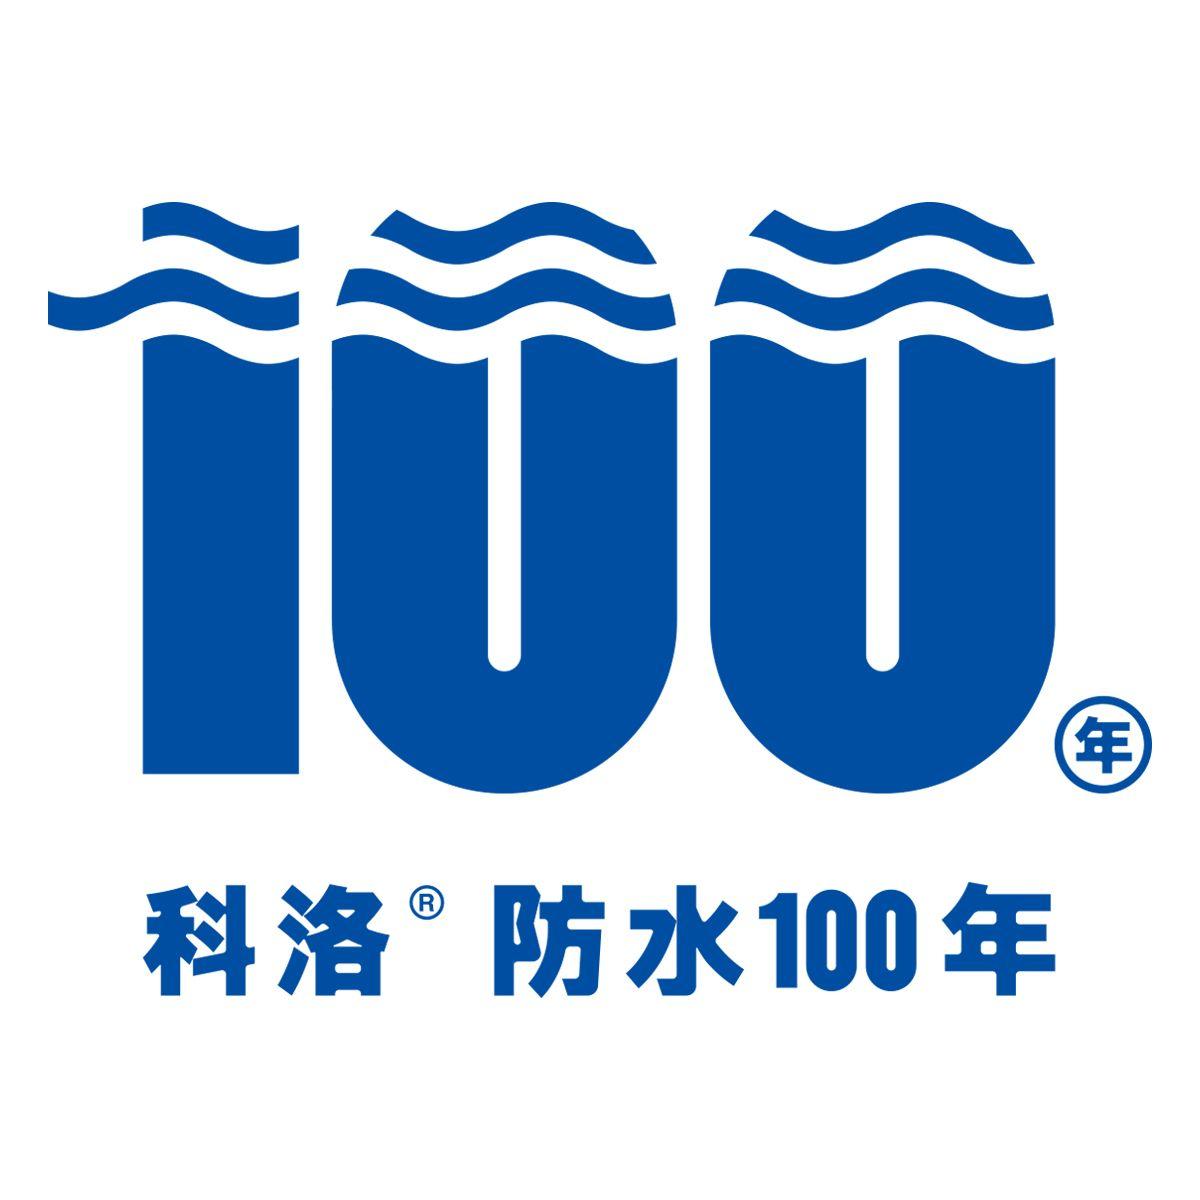 科洛防水100年.jpg